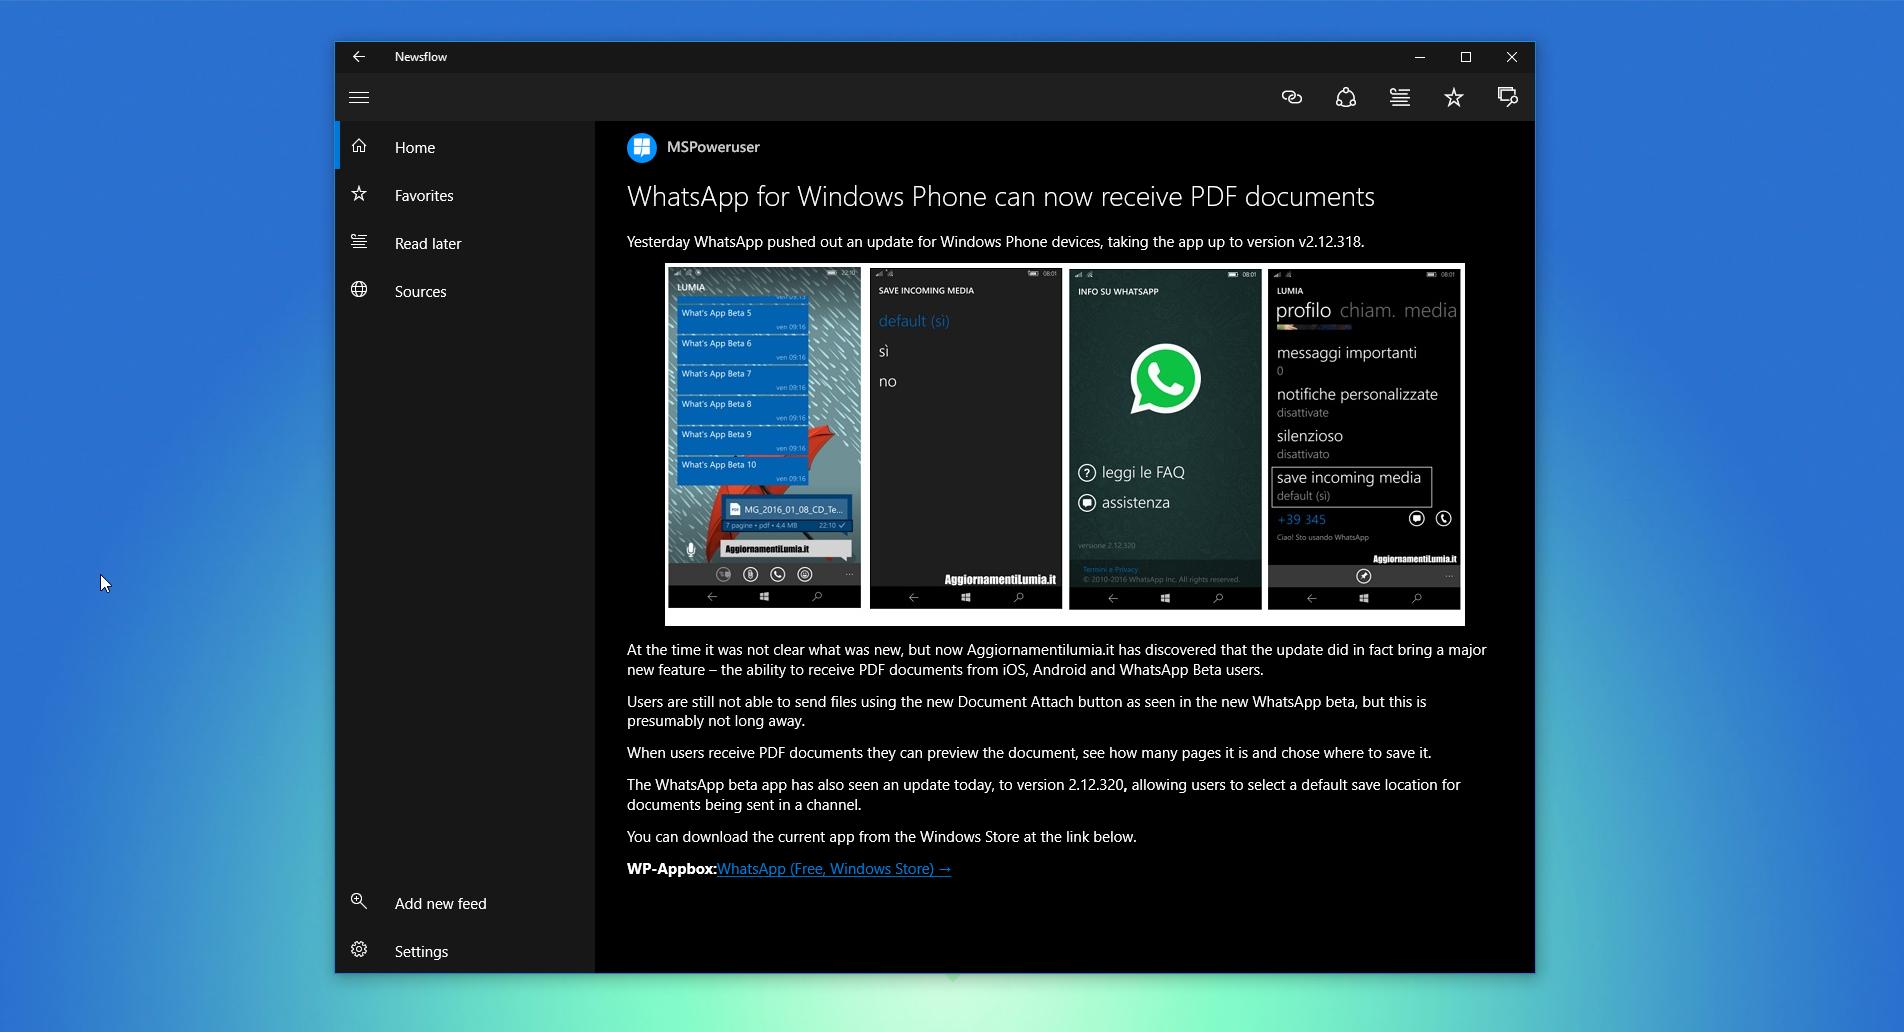 Newsflow is a beautiful RSS reader app for Windows 10 - MSPoweruser